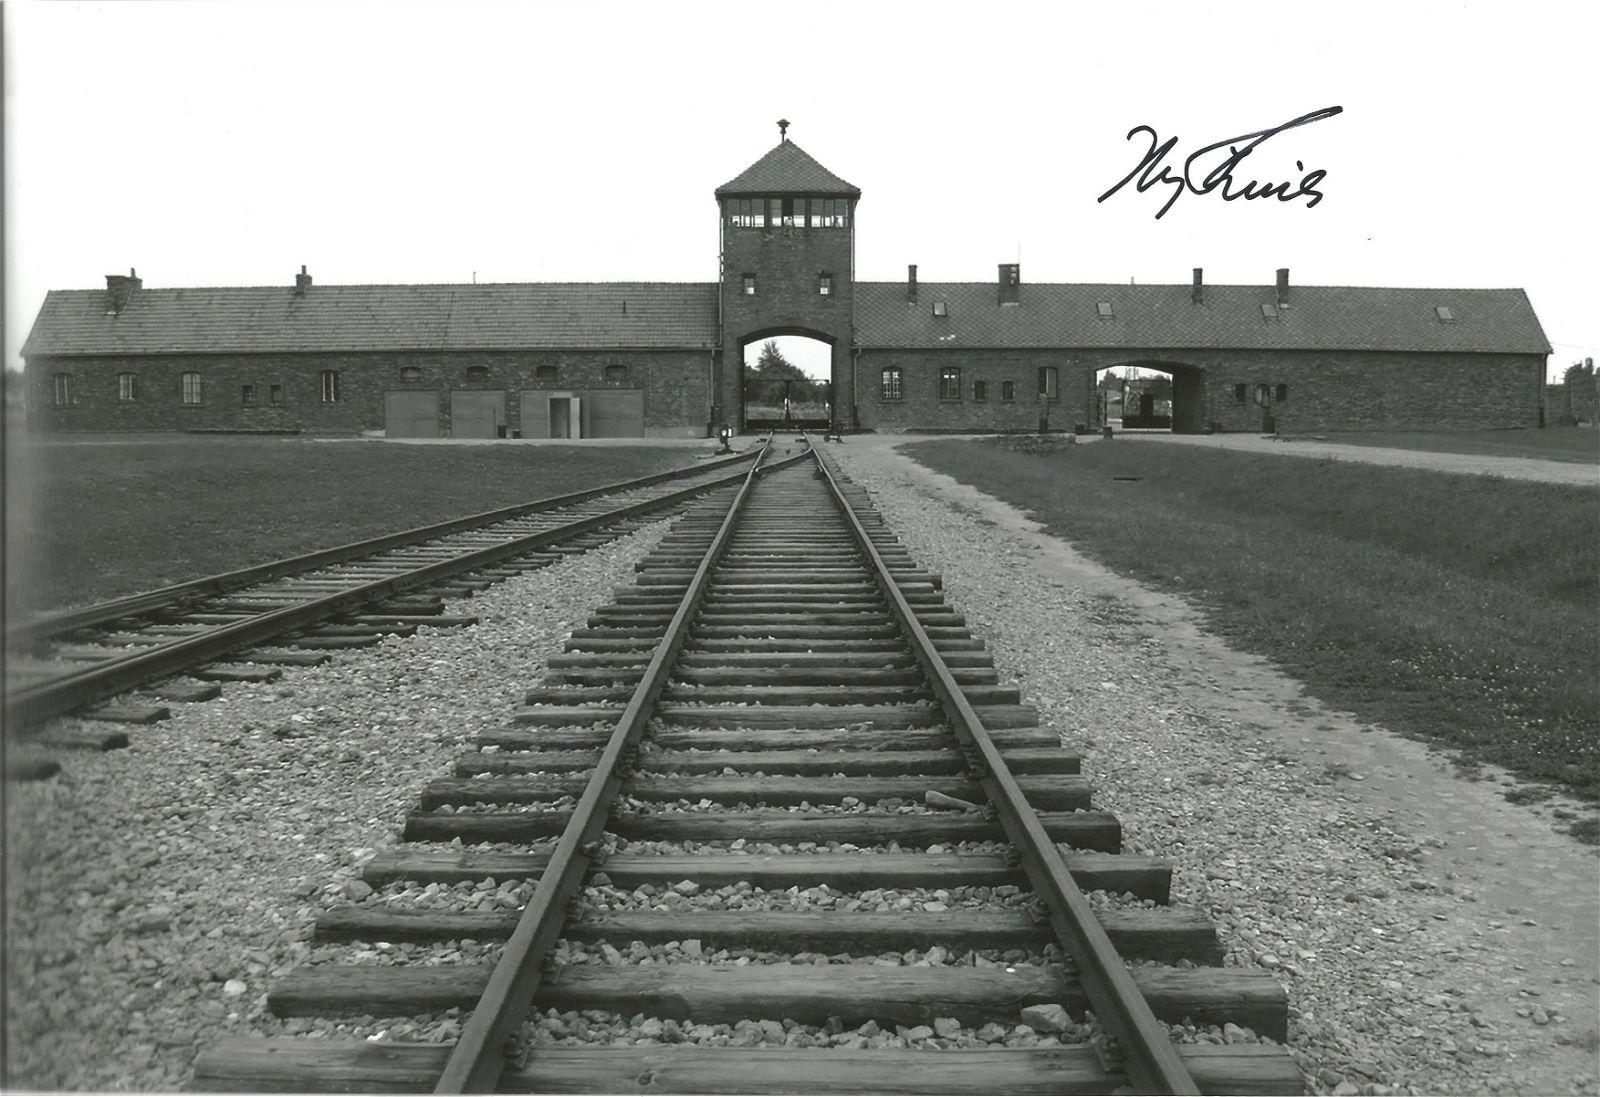 WW2 Iby Knill signed Auschwitz 12 x 8 inch b/w photo.